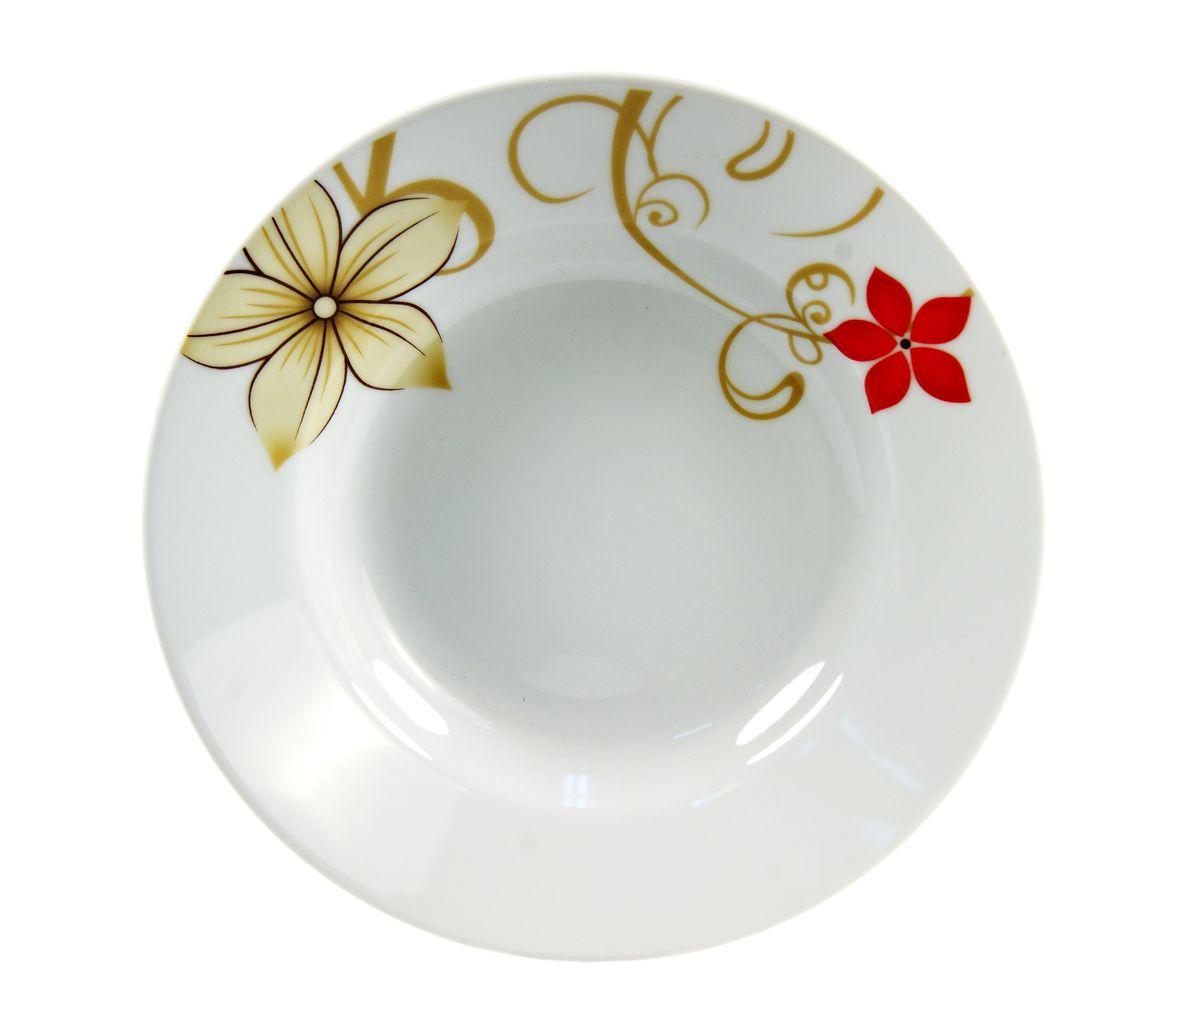 Тарелка глубокая Dasen Магнолия, диаметр 20 смDNDS-9000-2Тарелка глубокая Dasen Магнолия изготовлена из высококачественной керамики. Предназначена для красивой подачи различных блюд. Изделие декорировано ярким рисунком. Такая тарелка украсит сервировку стола и подчеркнет прекрасный вкус хозяйки. Можно мыть в посудомоечной машине и использовать в СВЧ. Диаметр: 20 см. Высота: 3,5 см.